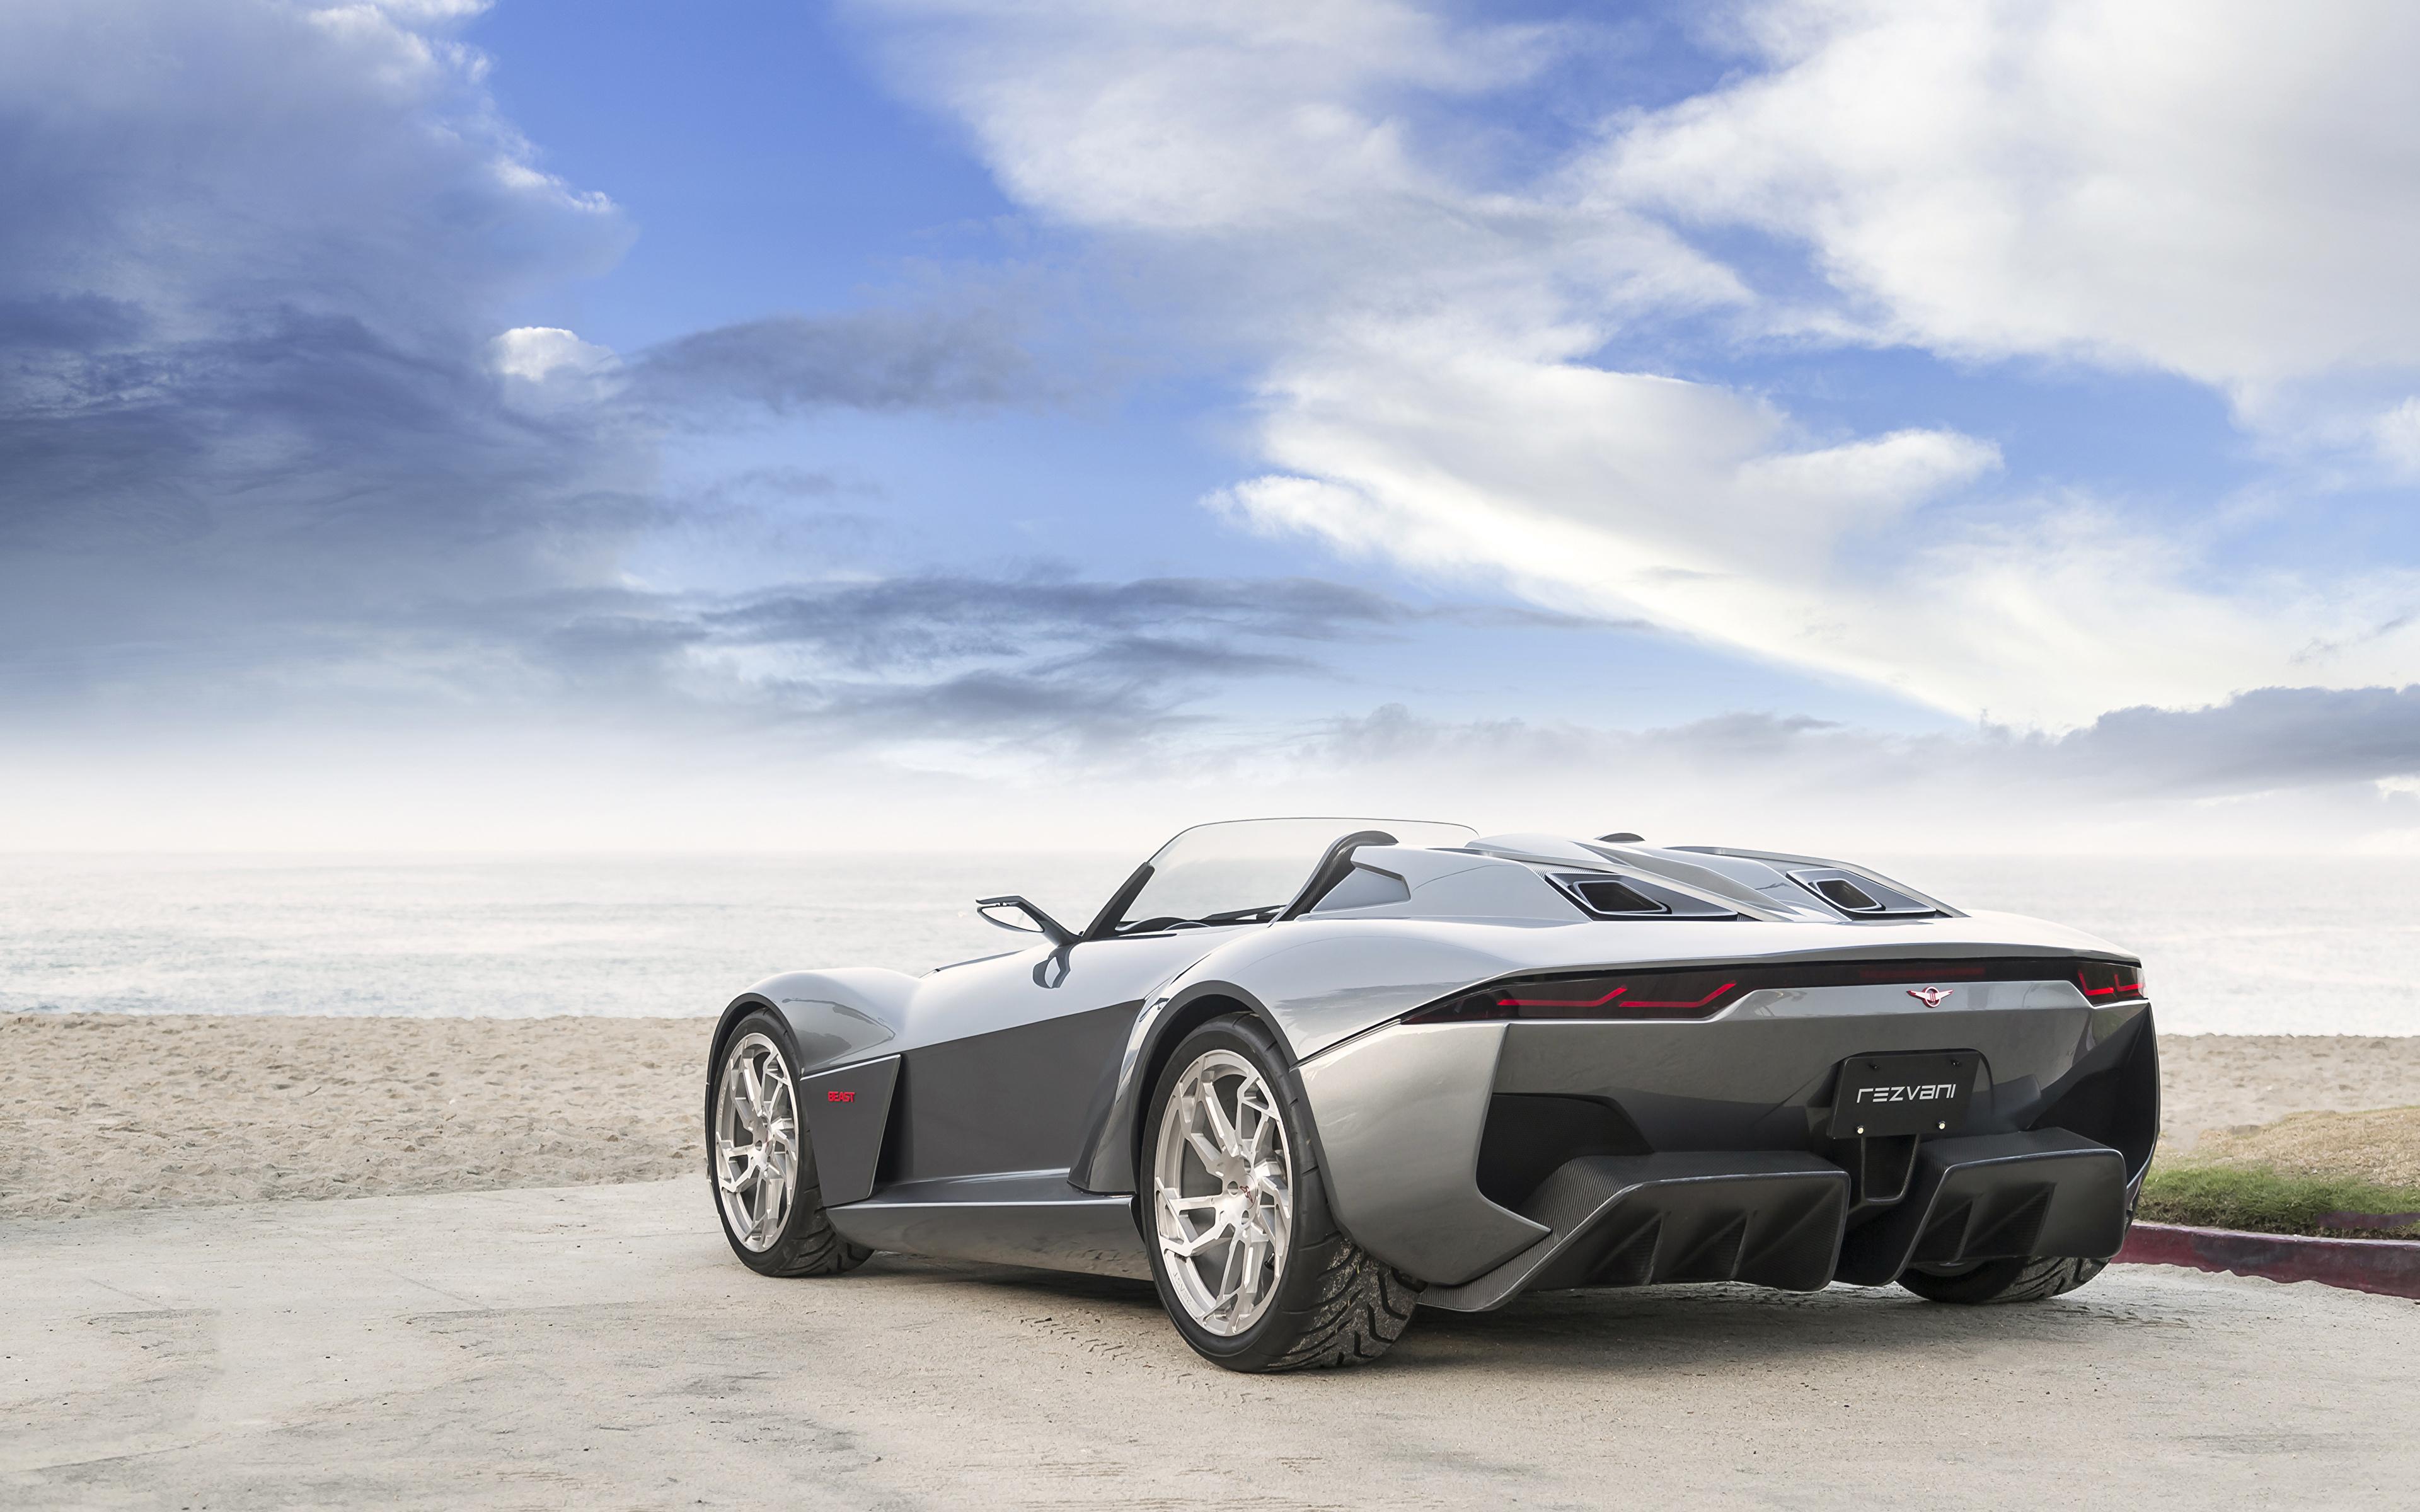 спортивный автомобиль серый rezvani motors без смс